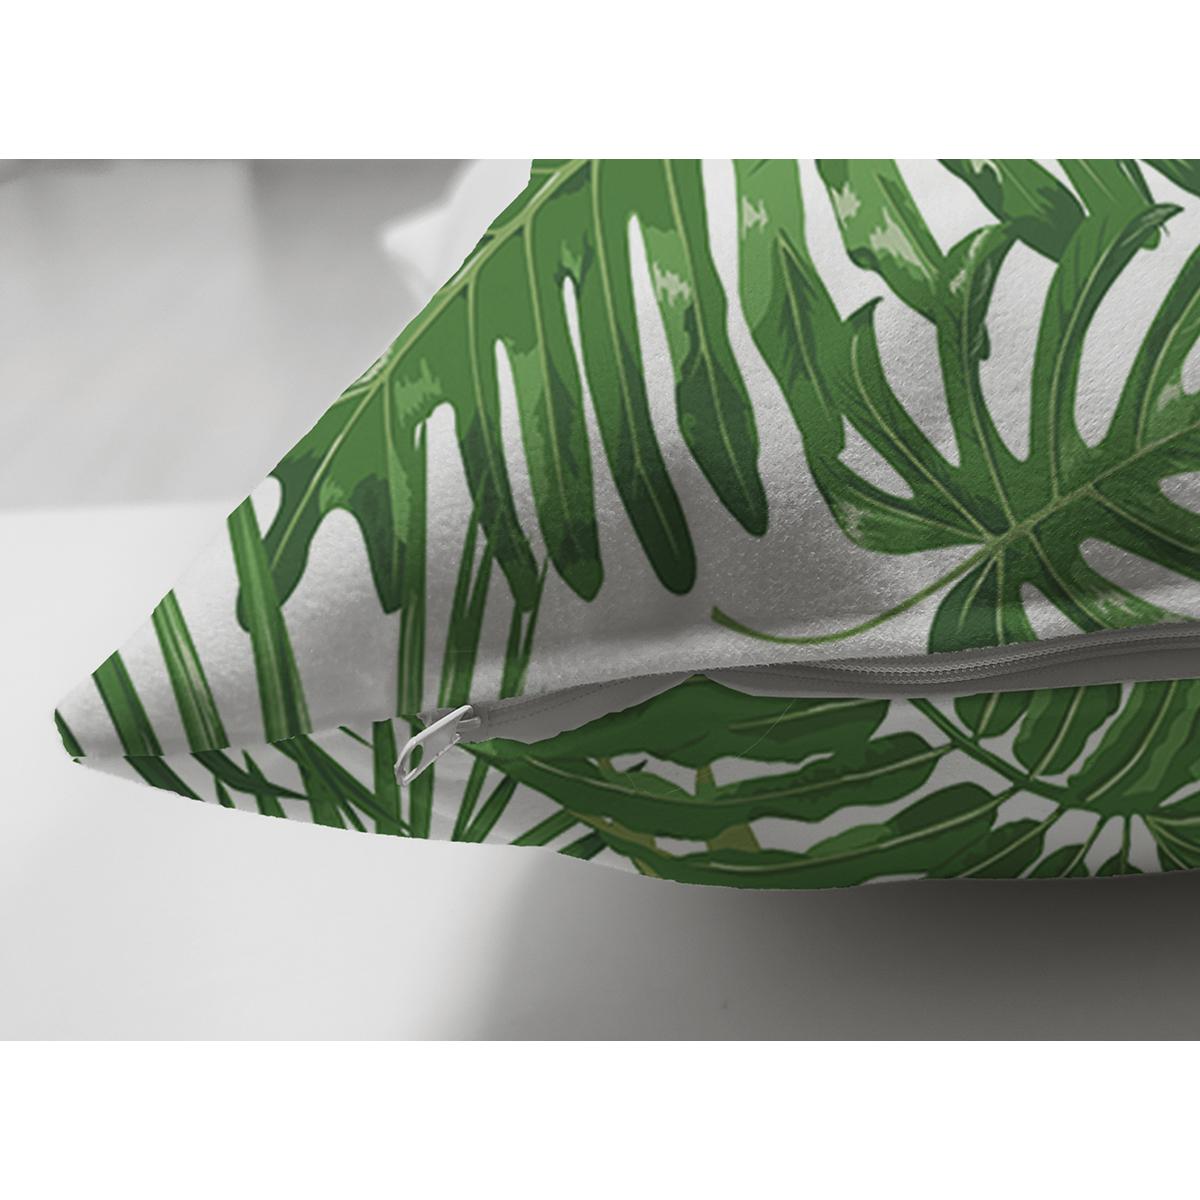 Çift Taraflı Beyaz Zemin Üzerinde Yeşil Yaprak Desenli Süet Yastık Kırlent Kılıfı Realhomes